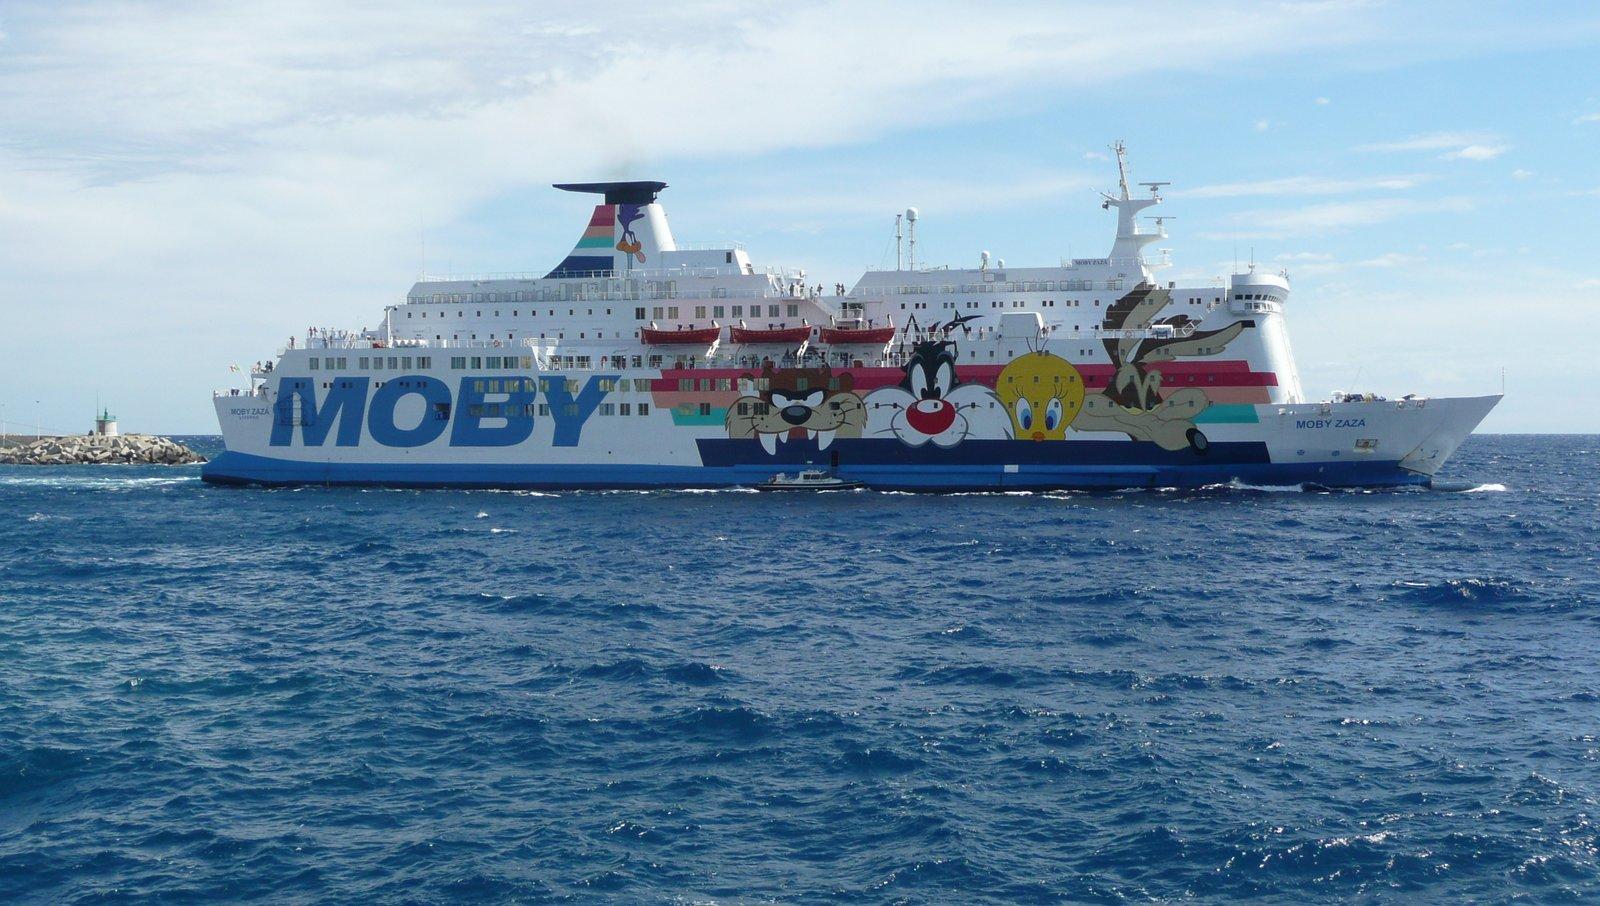 Le départ du Moby Zazà de Bastia en août 2016 ; photo : Romain Roussel